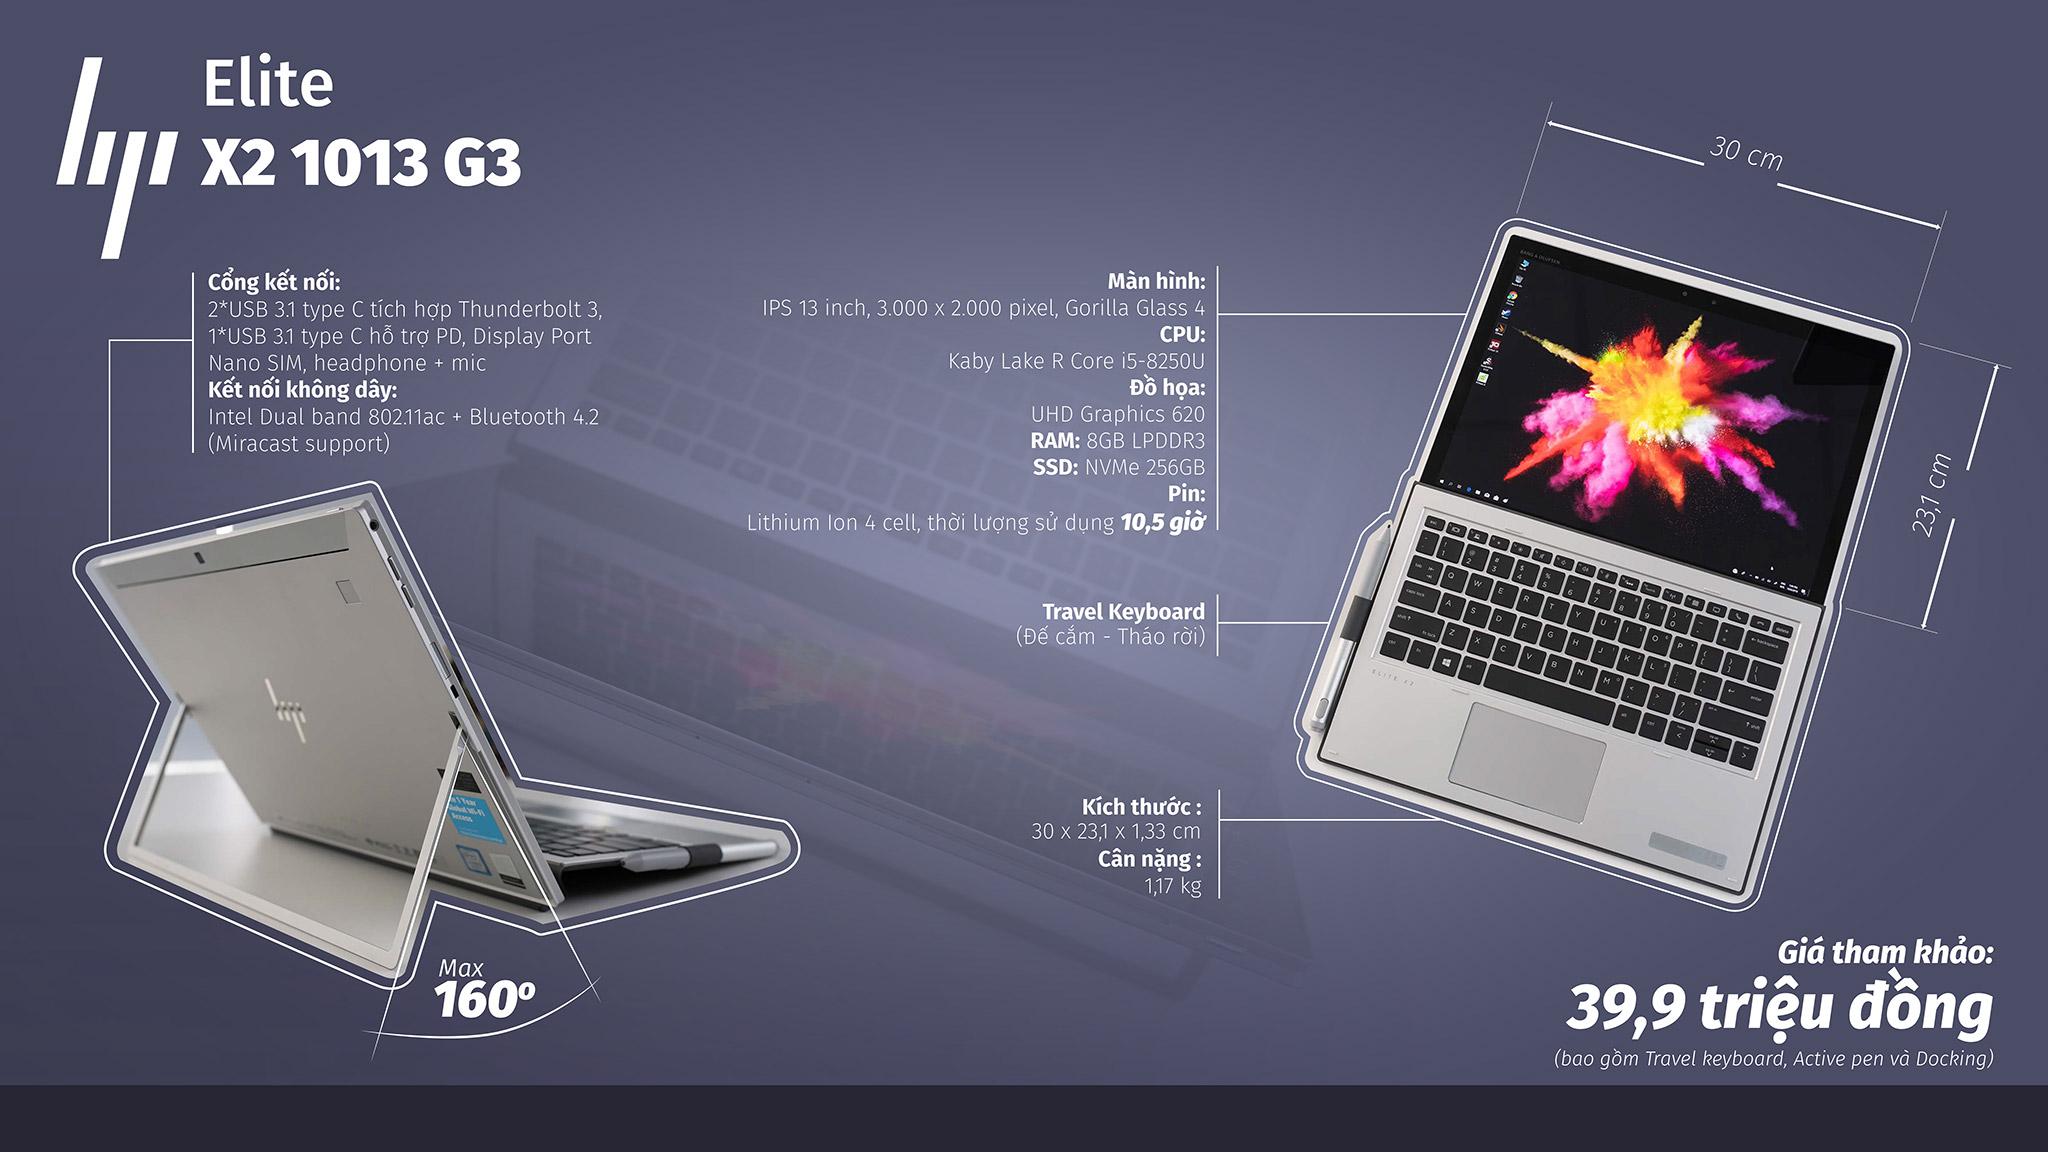 HP Elite x2 1030 G3_info 2.jpg